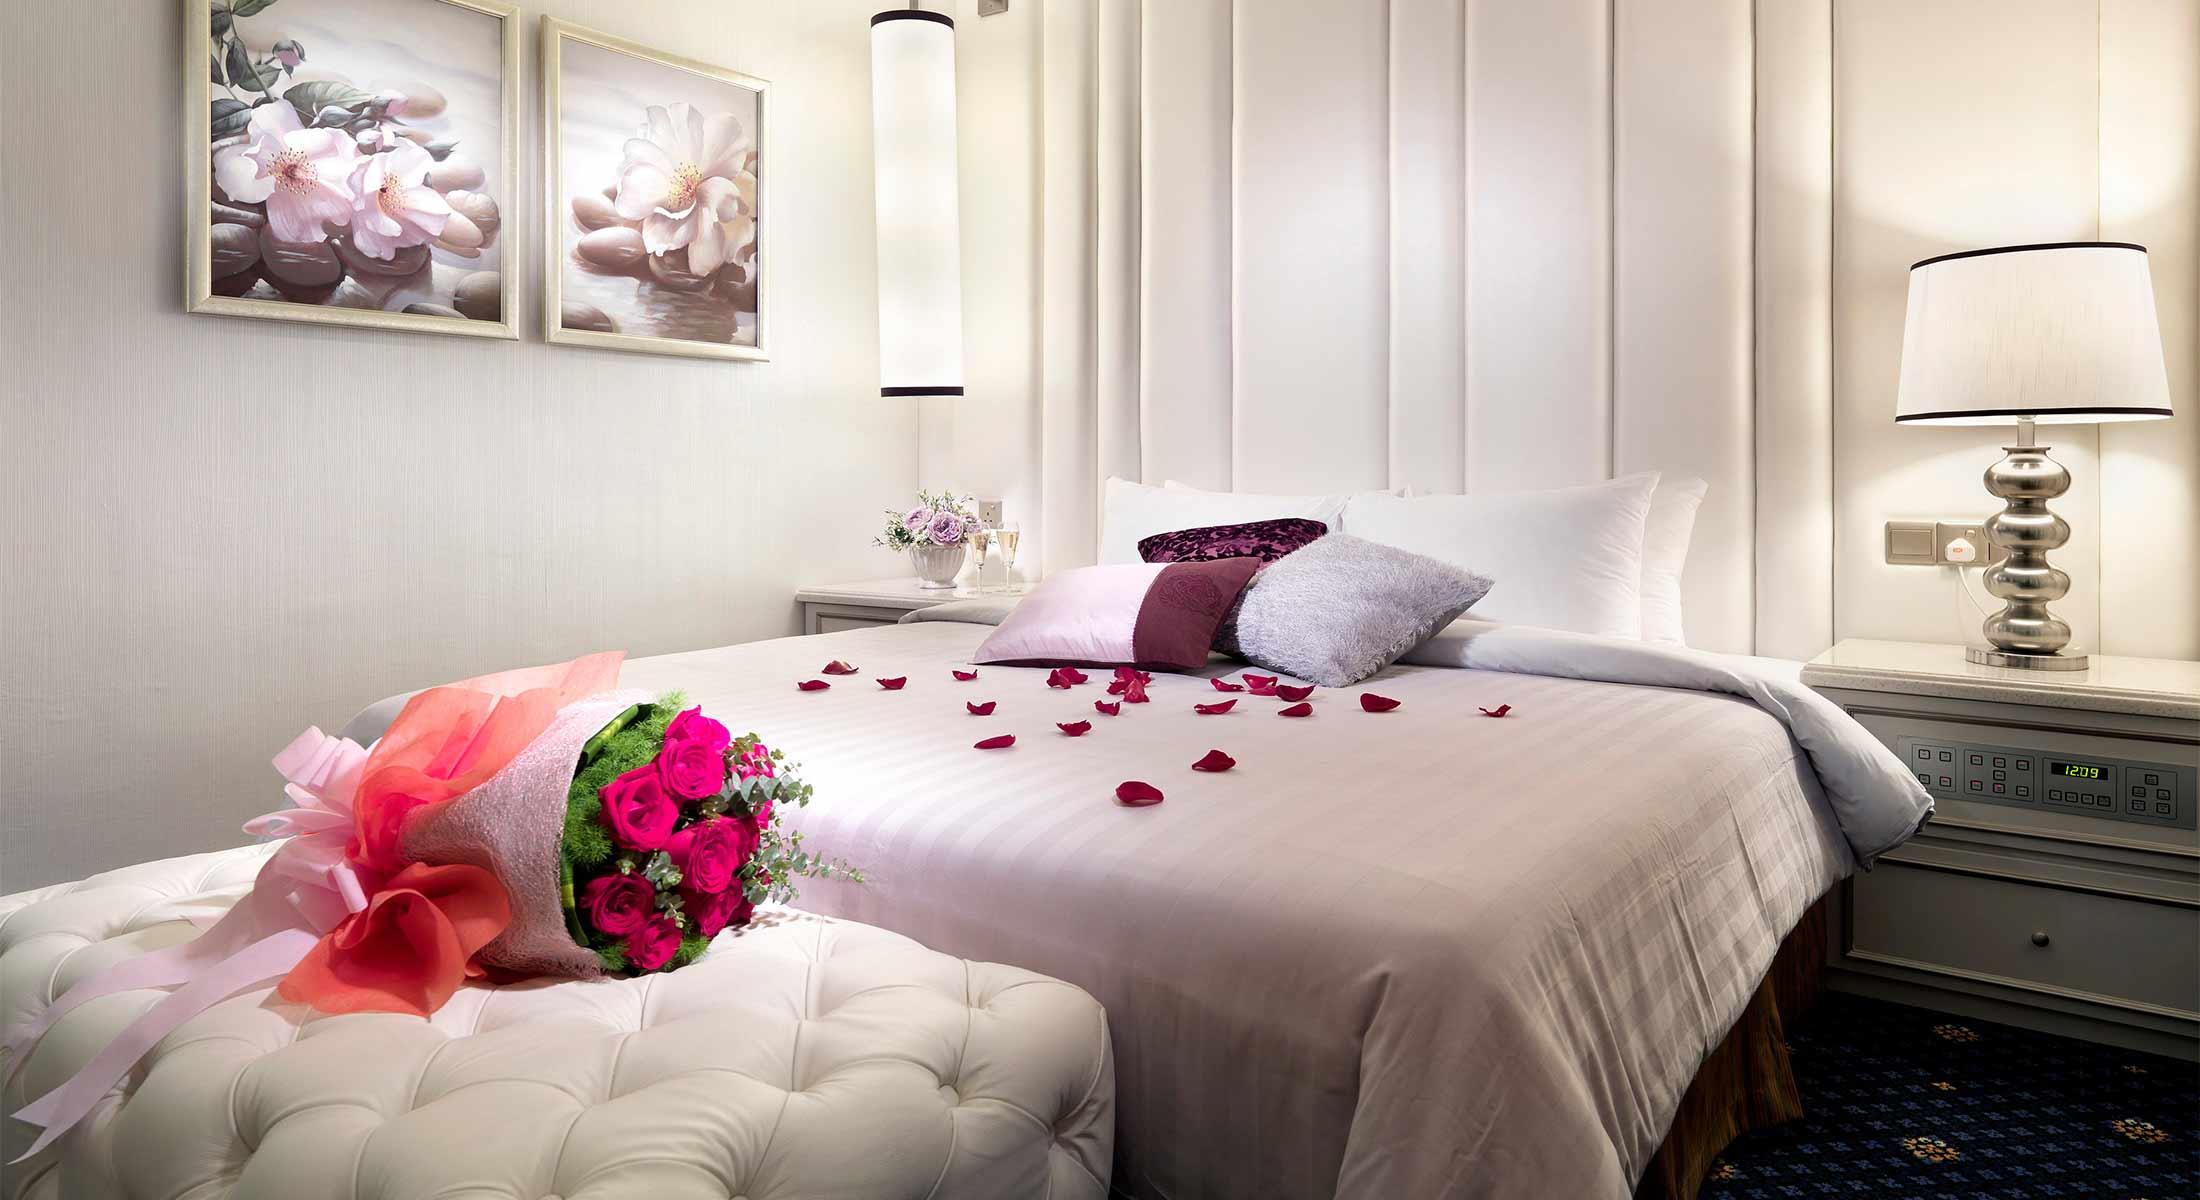 تصاویر اتاق خواب عروس و تزیین با گل پر پر شده